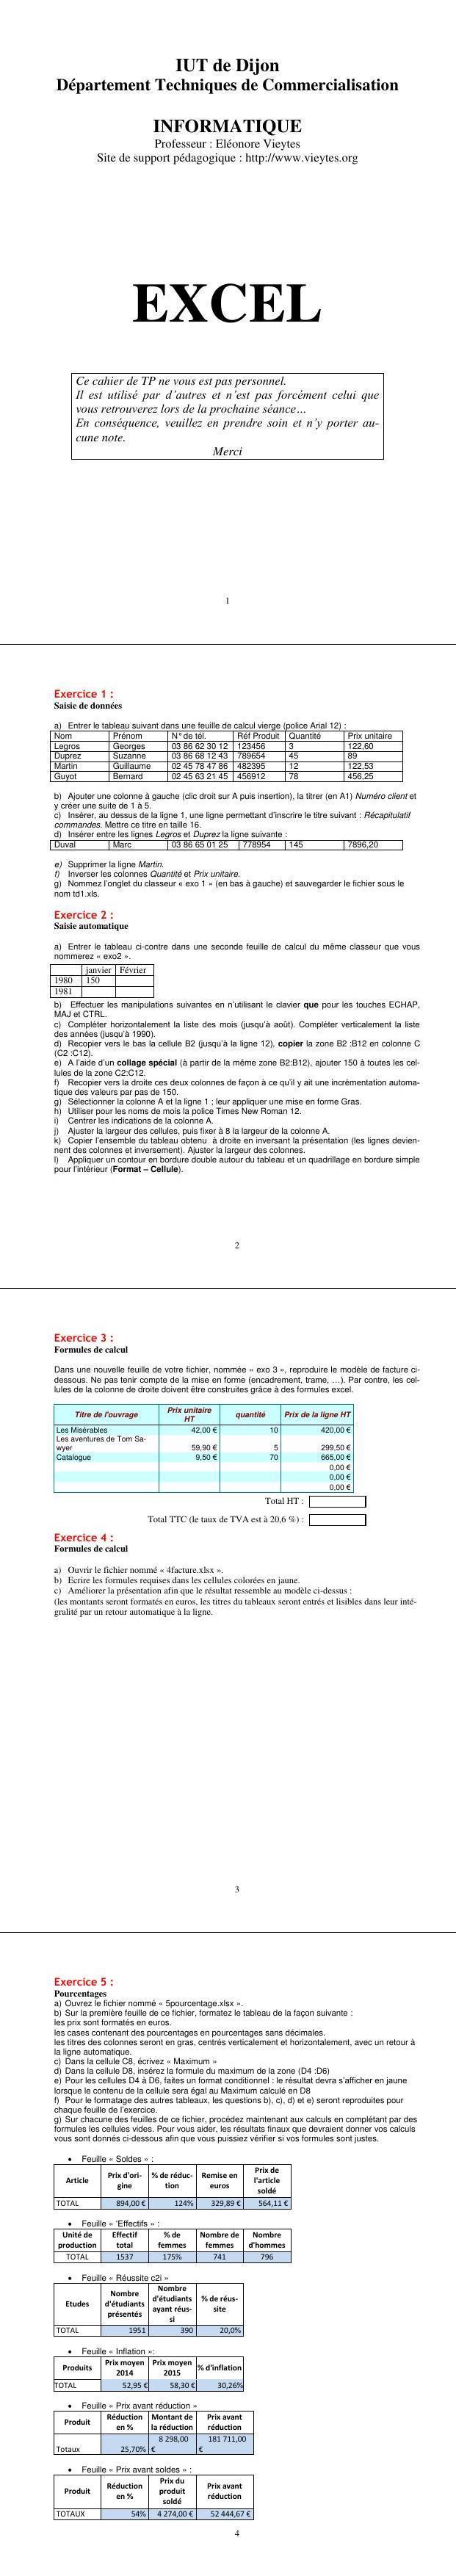 Pdf Exercices Et Travaux Pratiques Excel 2019 Pdf Cours